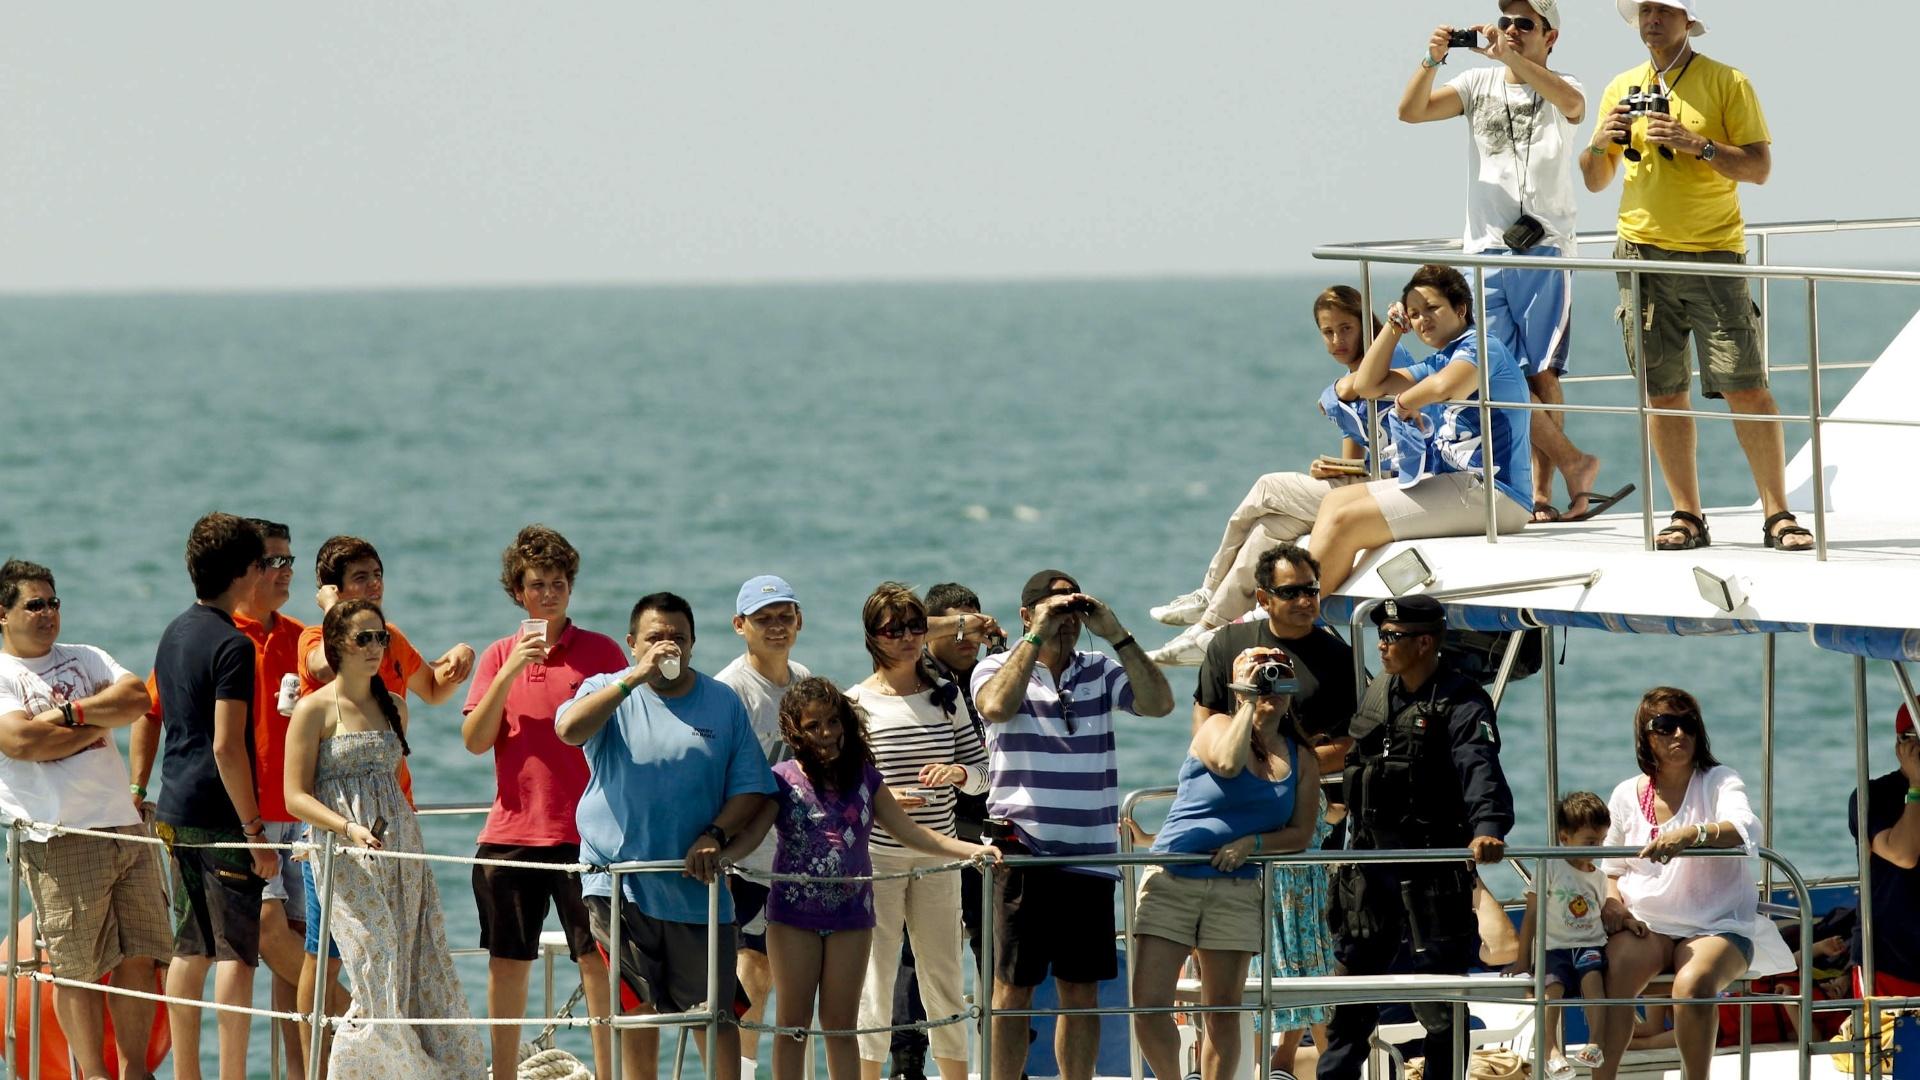 Arquibancada do público que assiste às competições de vela é um pouco diferente do restante do Pan